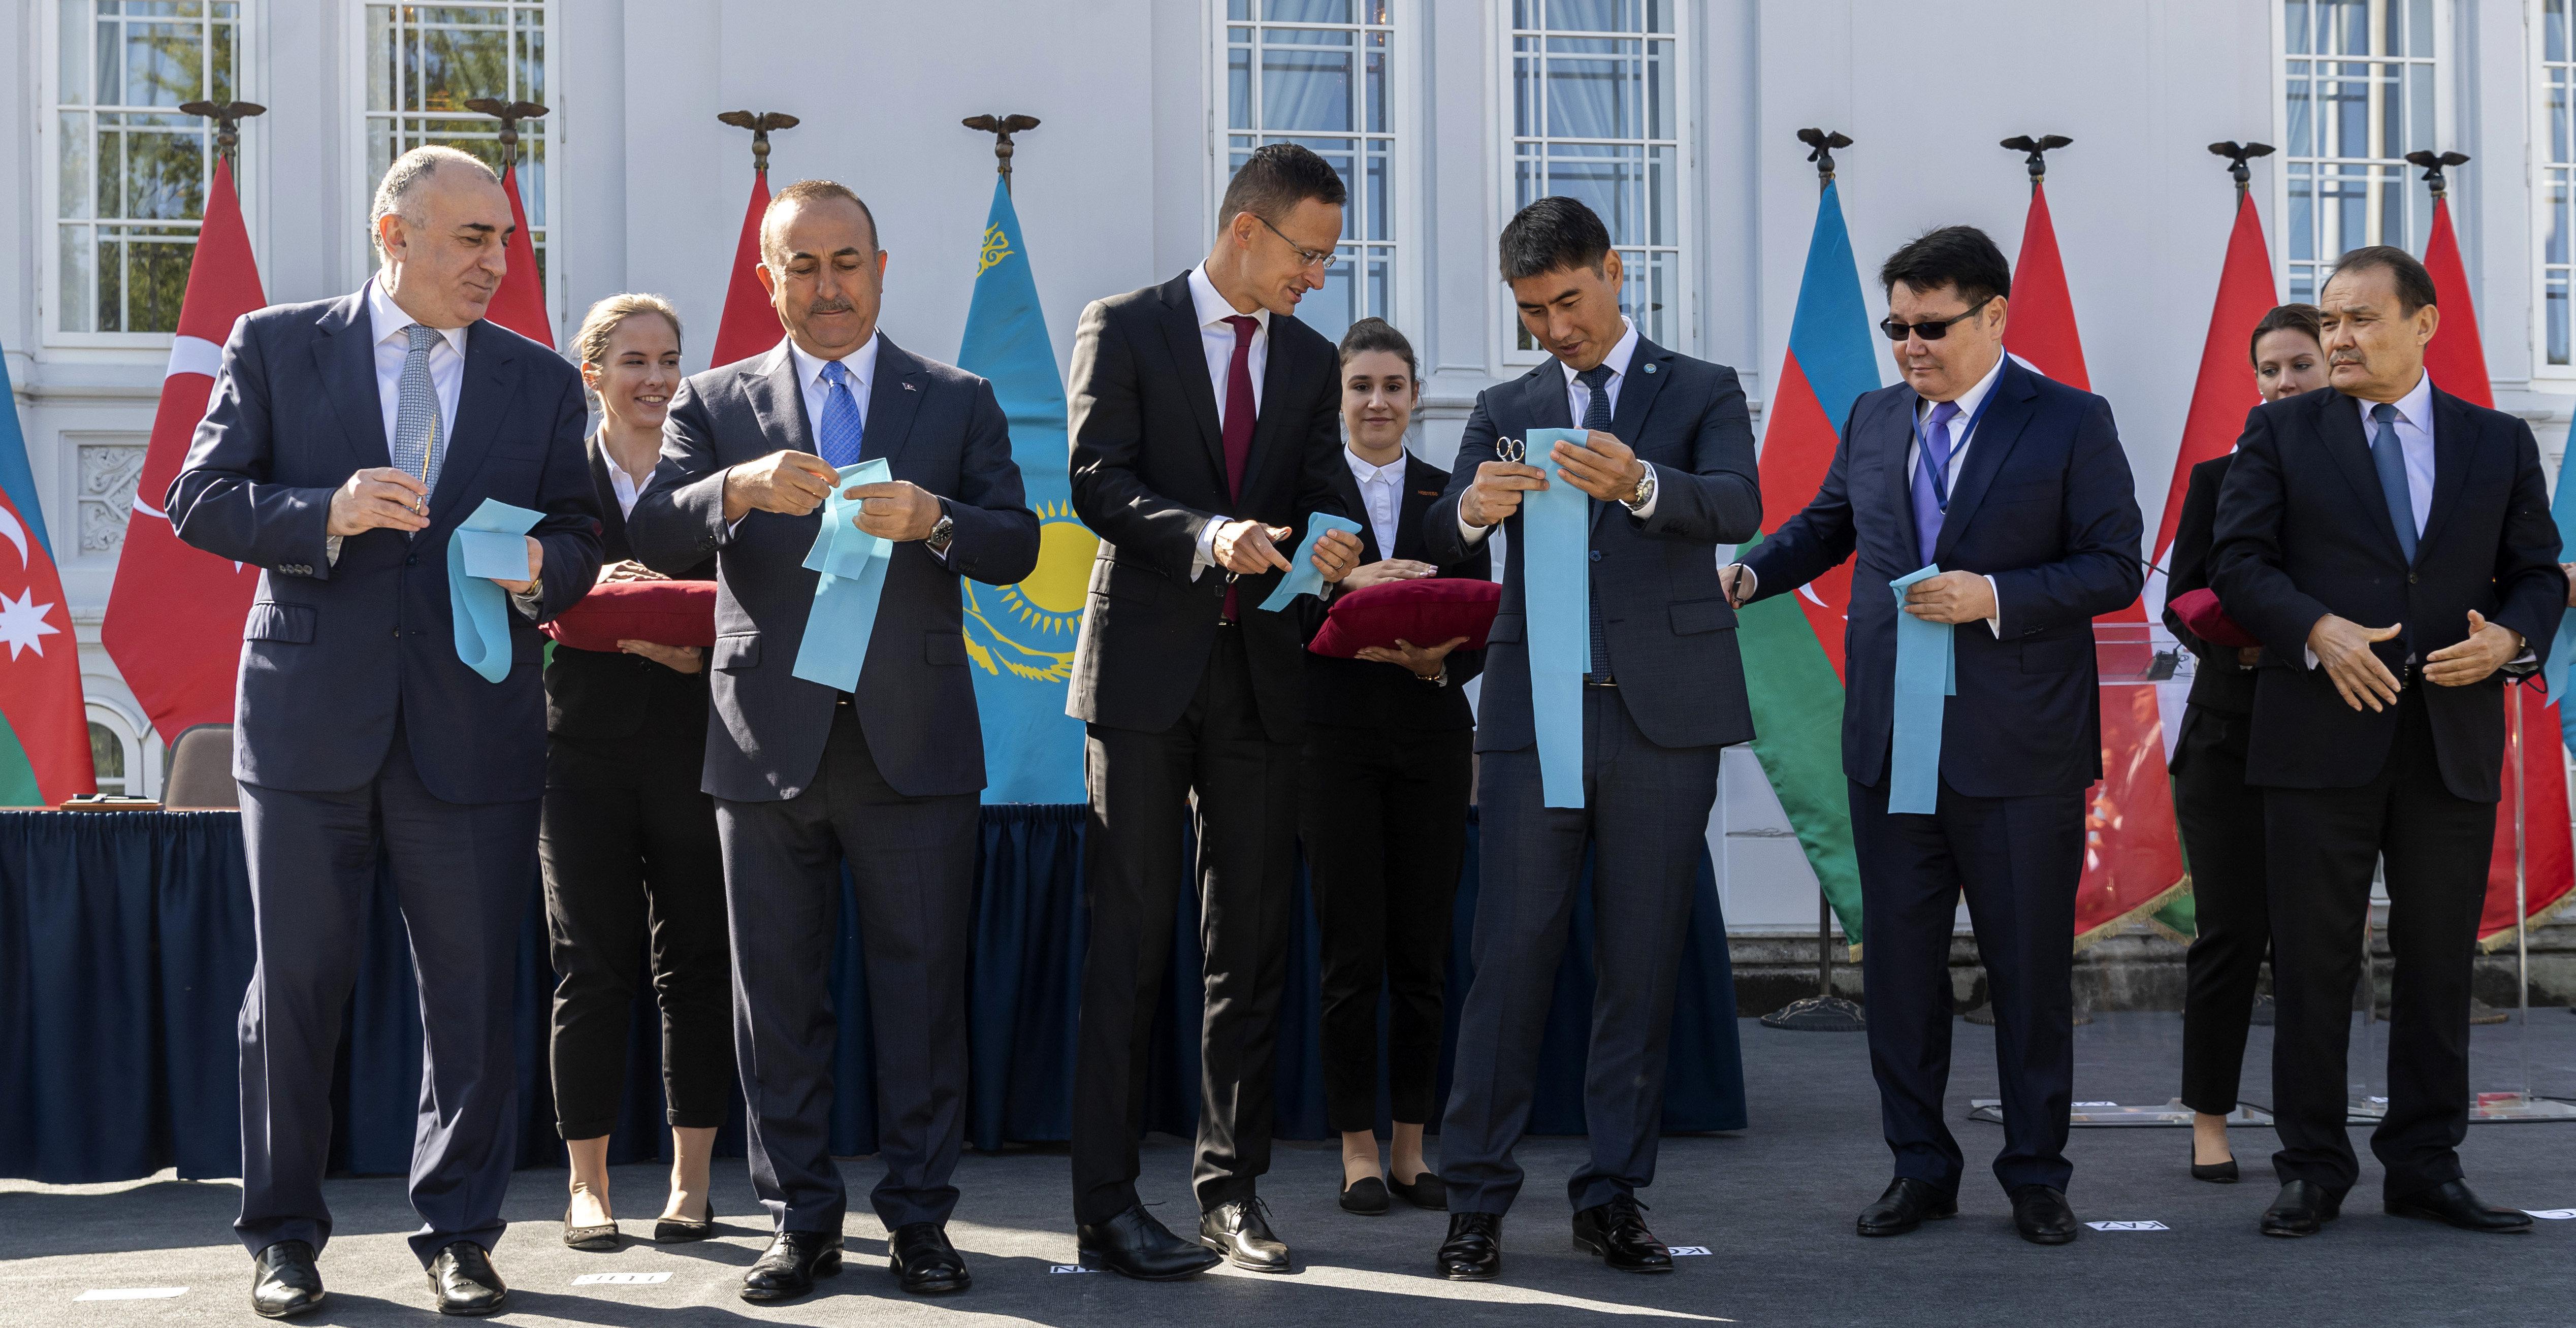 Eddig 500 millióba került a magyar államnak a Türk Tanács irodája